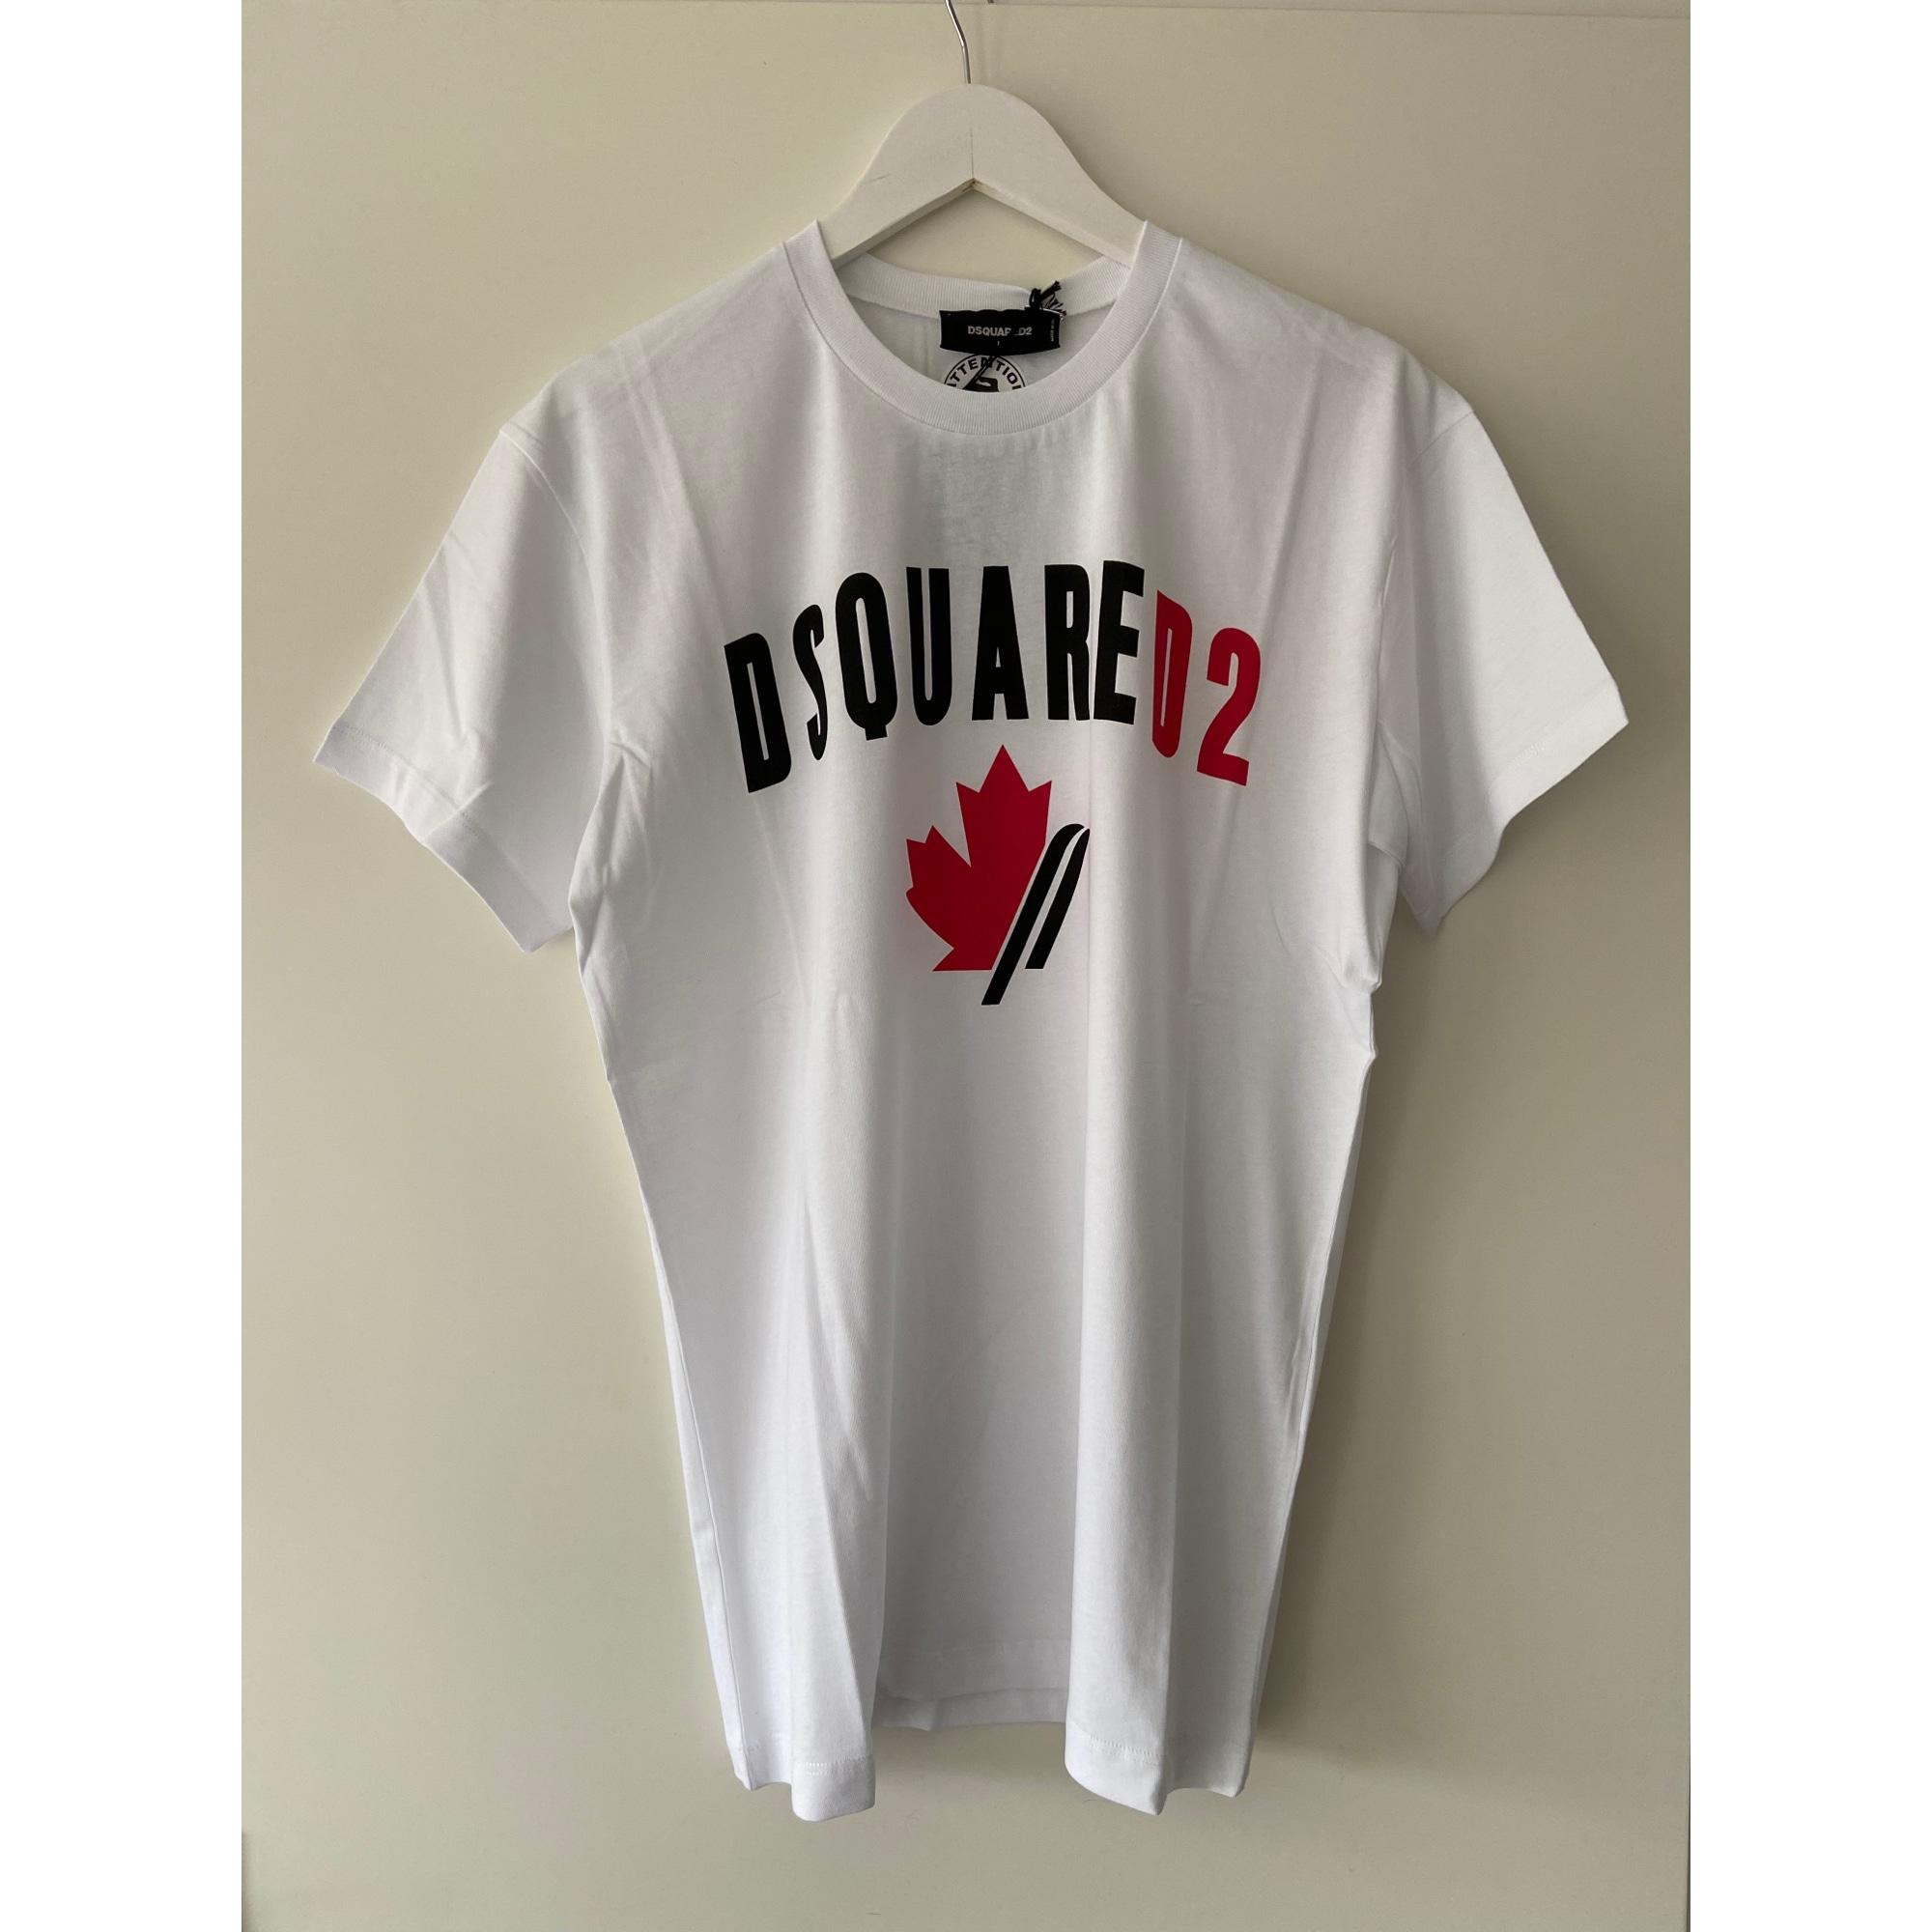 Tee-shirt DSQUARED2 Blanc, blanc cassé, écru